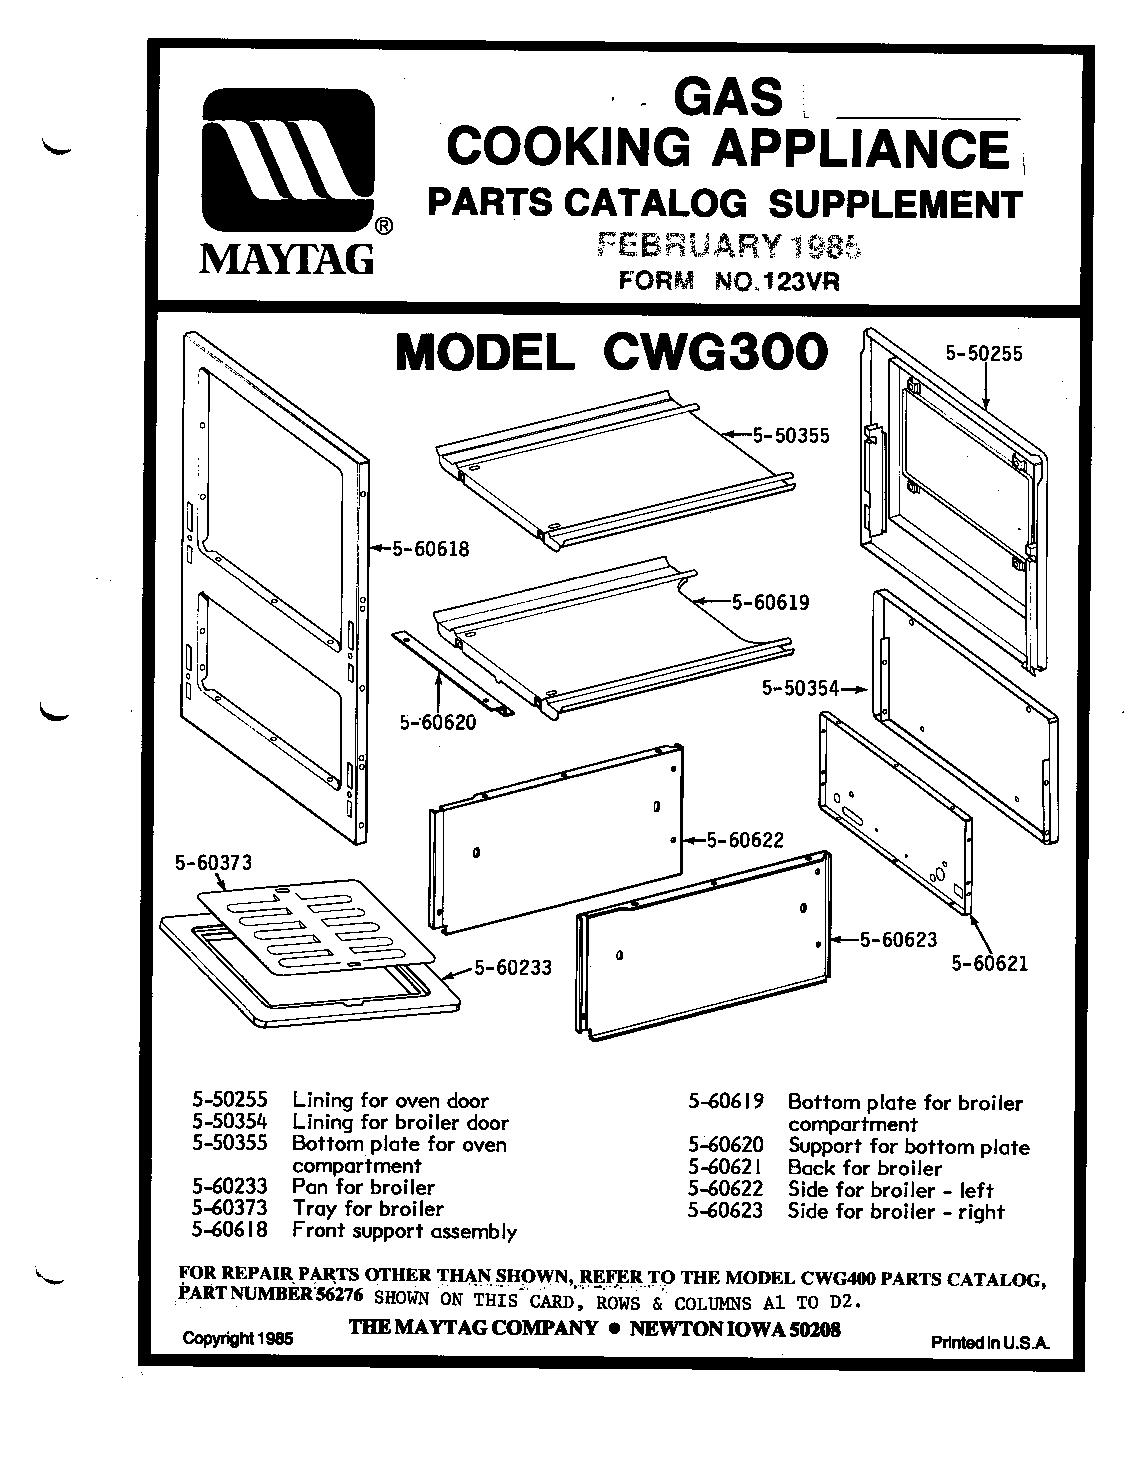 Maytag: Maytag Oven Parts